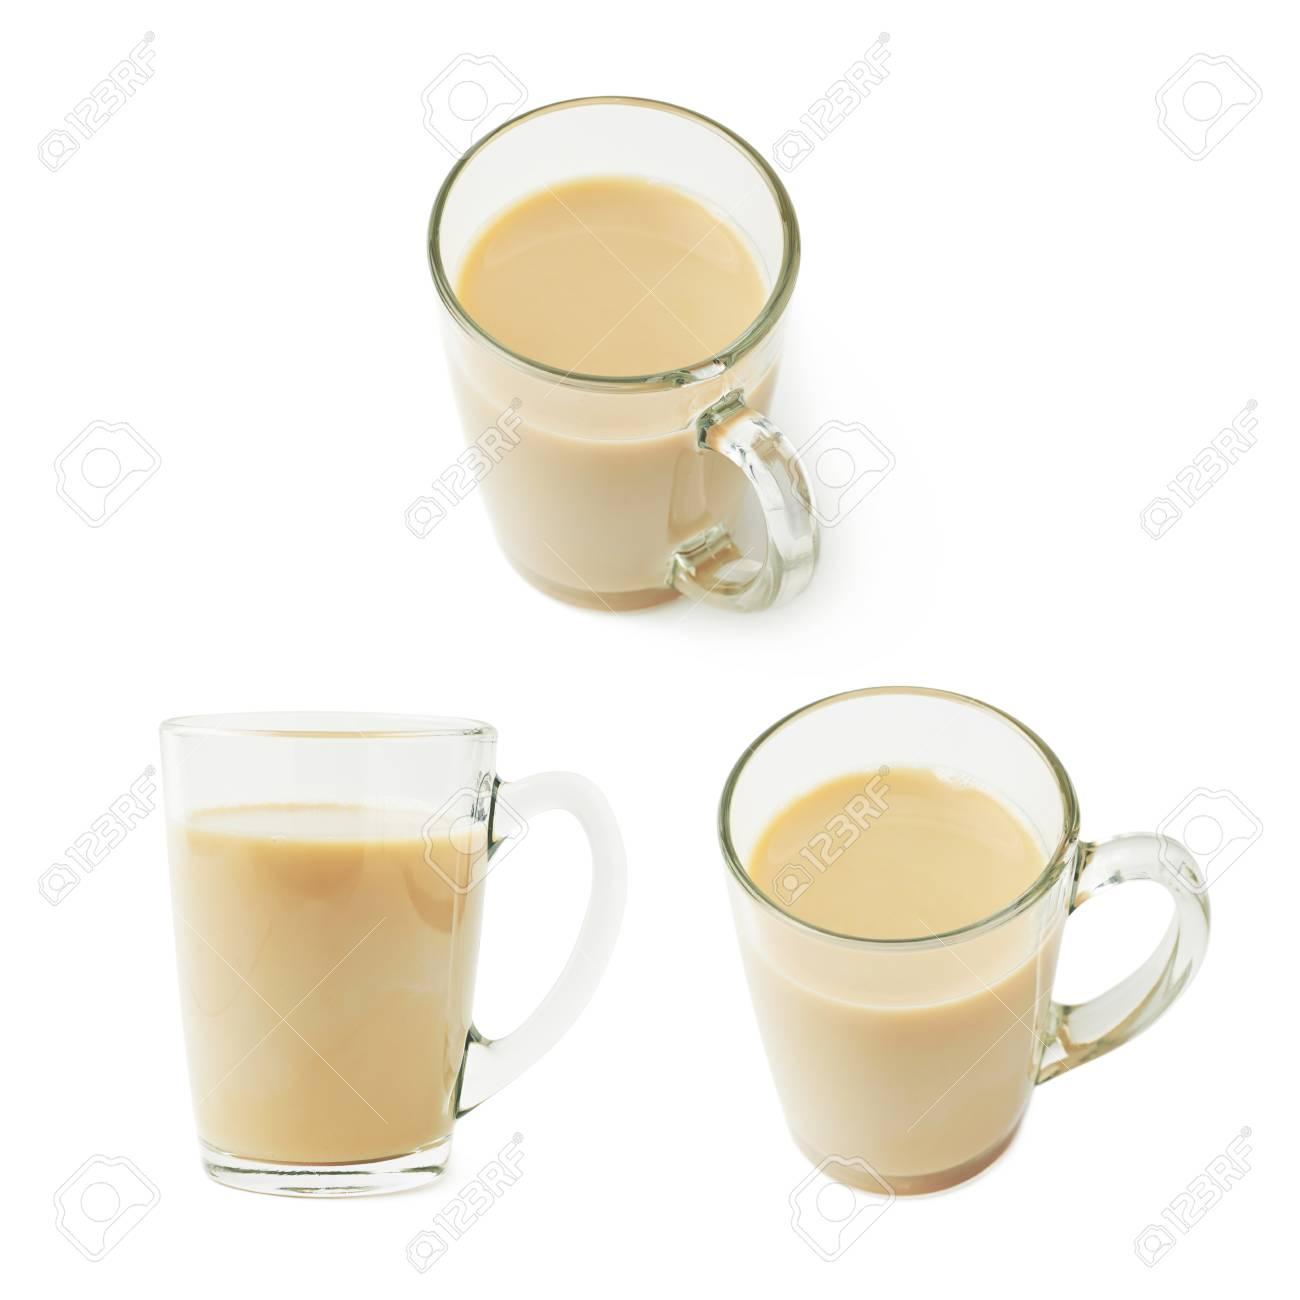 Fond Isolé Trois Différents En Mug Rempli Ou Verre Au Latte Cappuccino Lait Sur BlancEnsemble De Raccourcis Café kiuXTOPZ